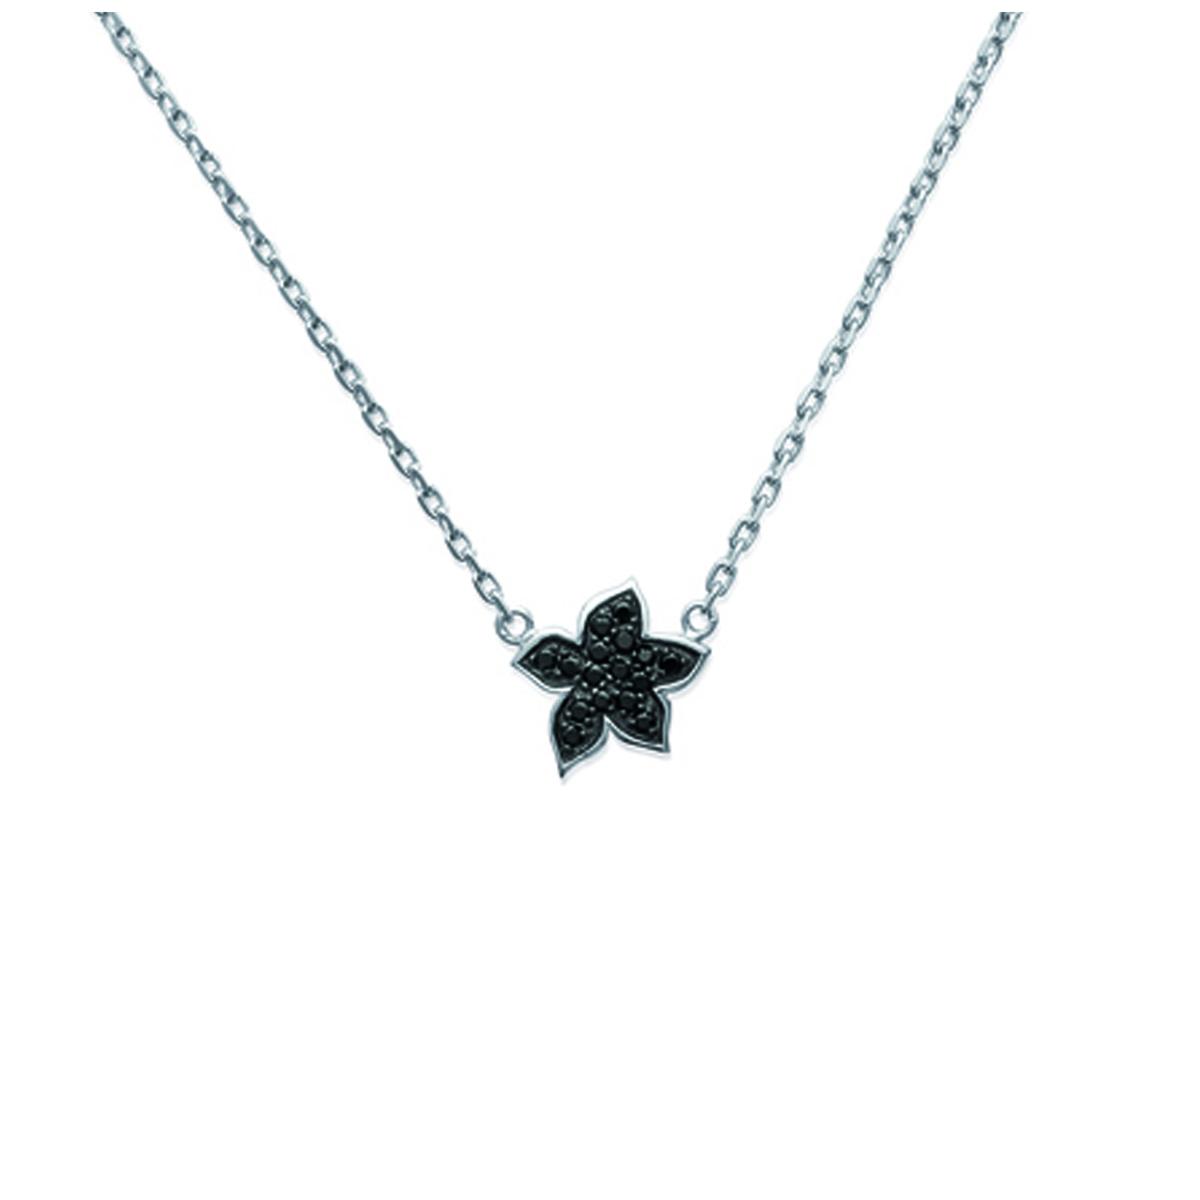 Collier Argent \'Romy\' fleur noir blanc (rhodié) - 11x12 mm - [I8092]